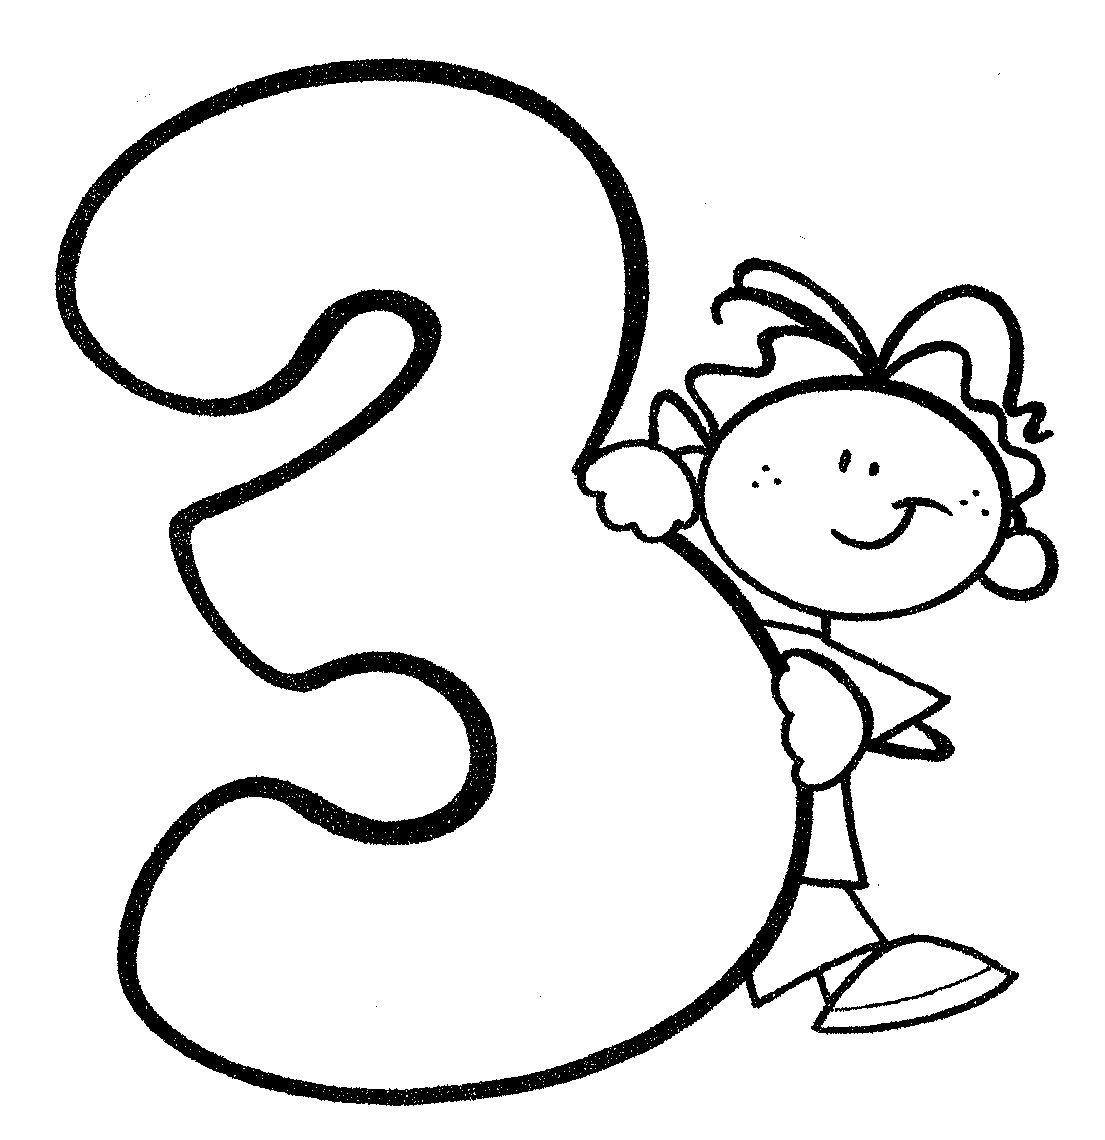 Dibujo para imprimir : Figuras y formas - Número tres numéro 428830 ...